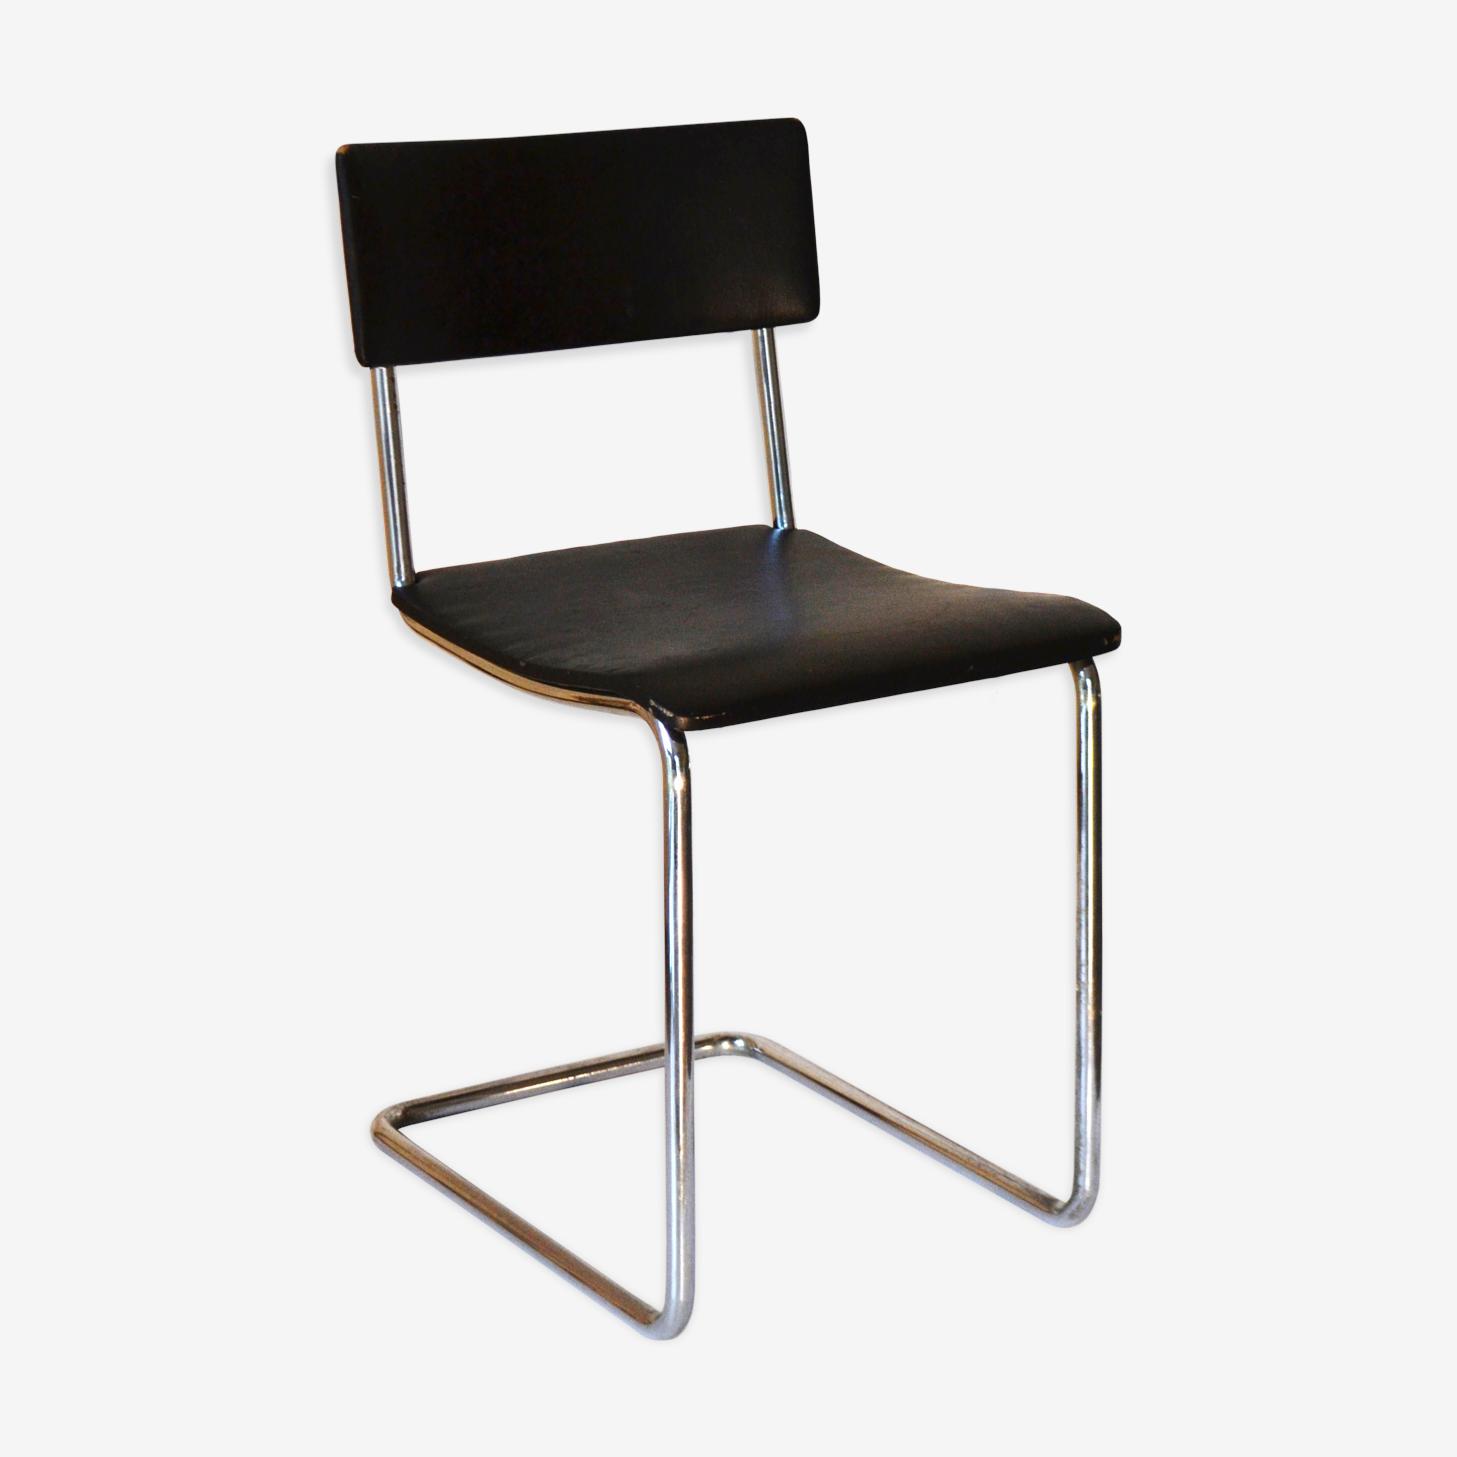 Chaise de modèle n ° 36 par D3 Rotterdam style bauhaus des années 1930